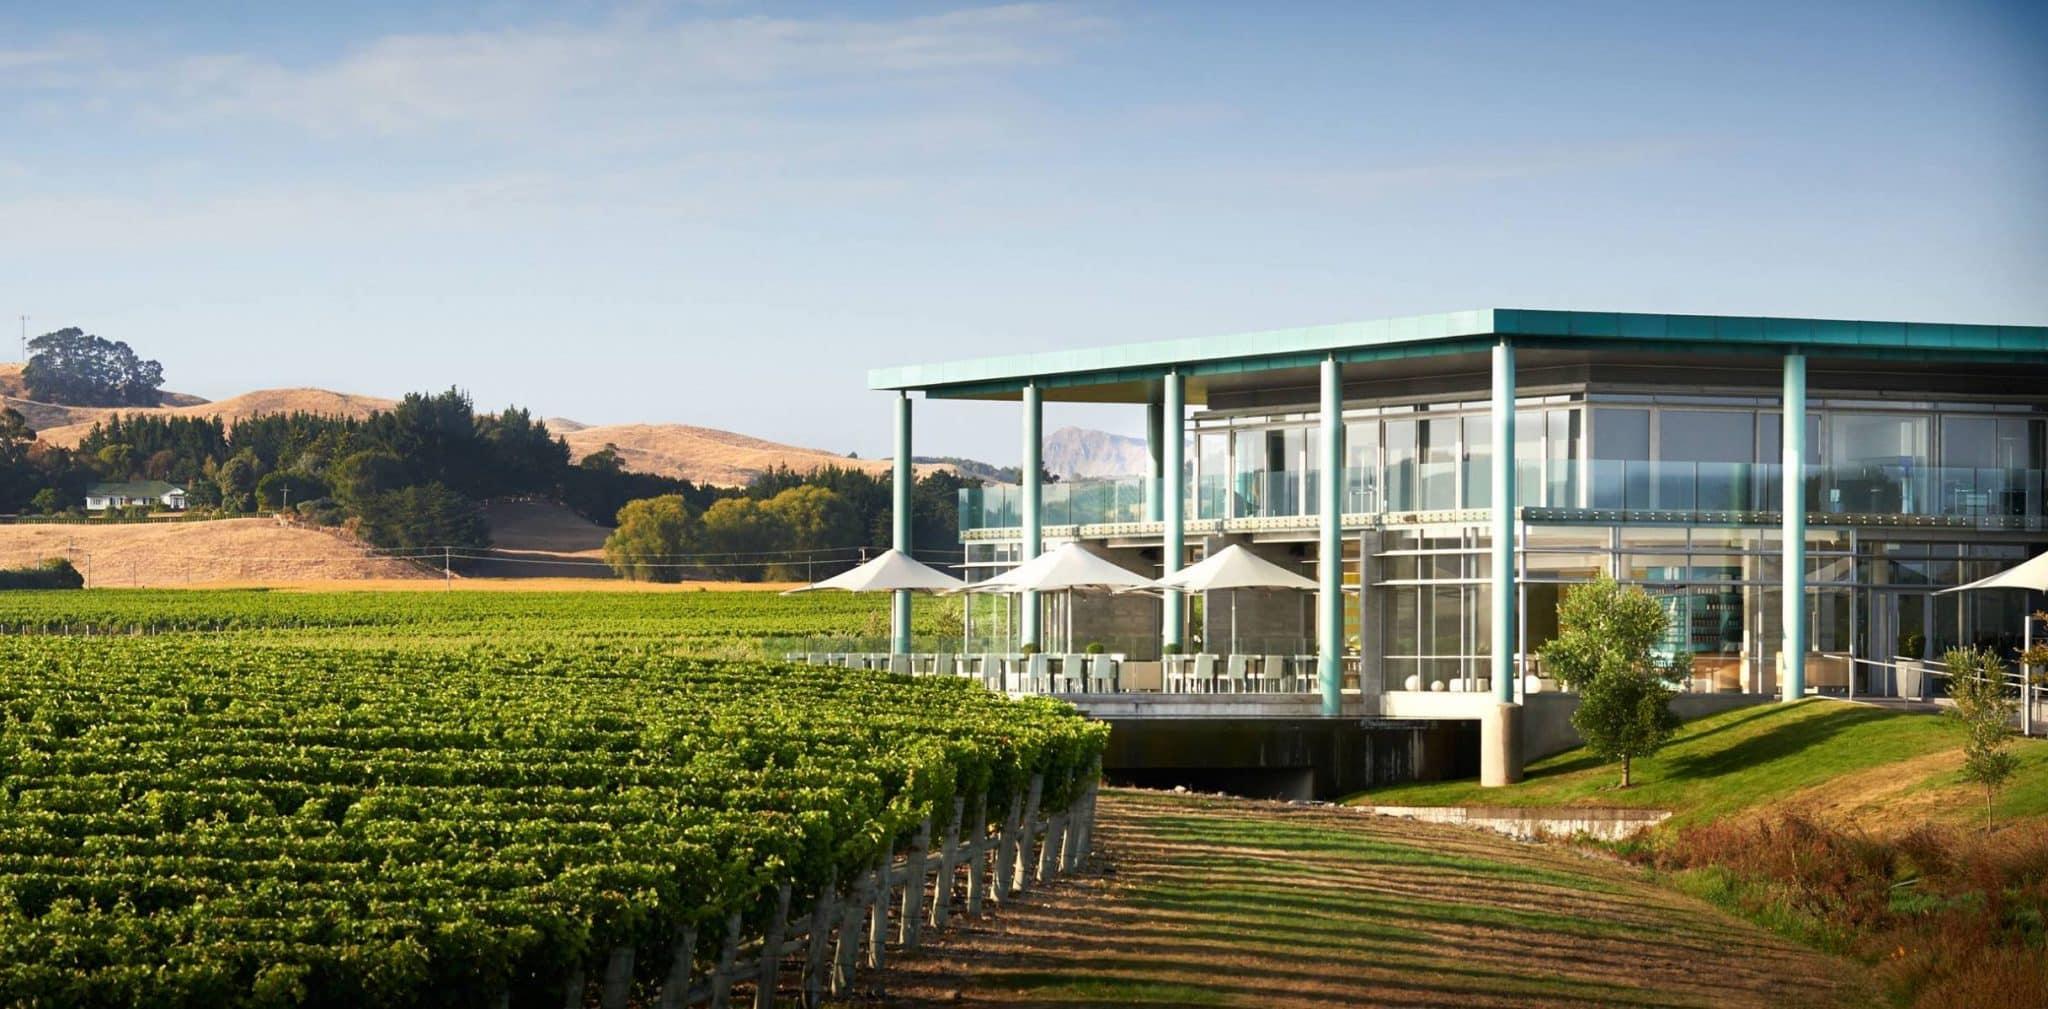 Most Instagrammable Restaurants In New Zealand